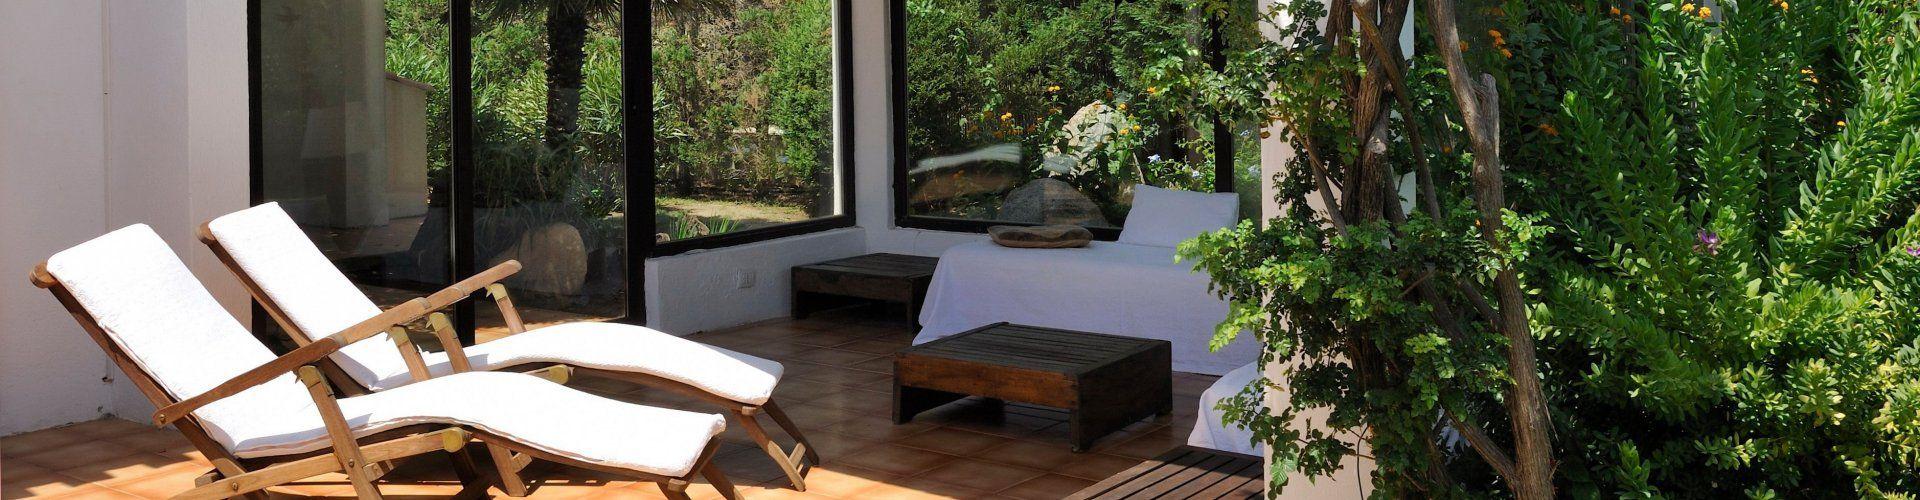 Terrazza con due sedie sdraio